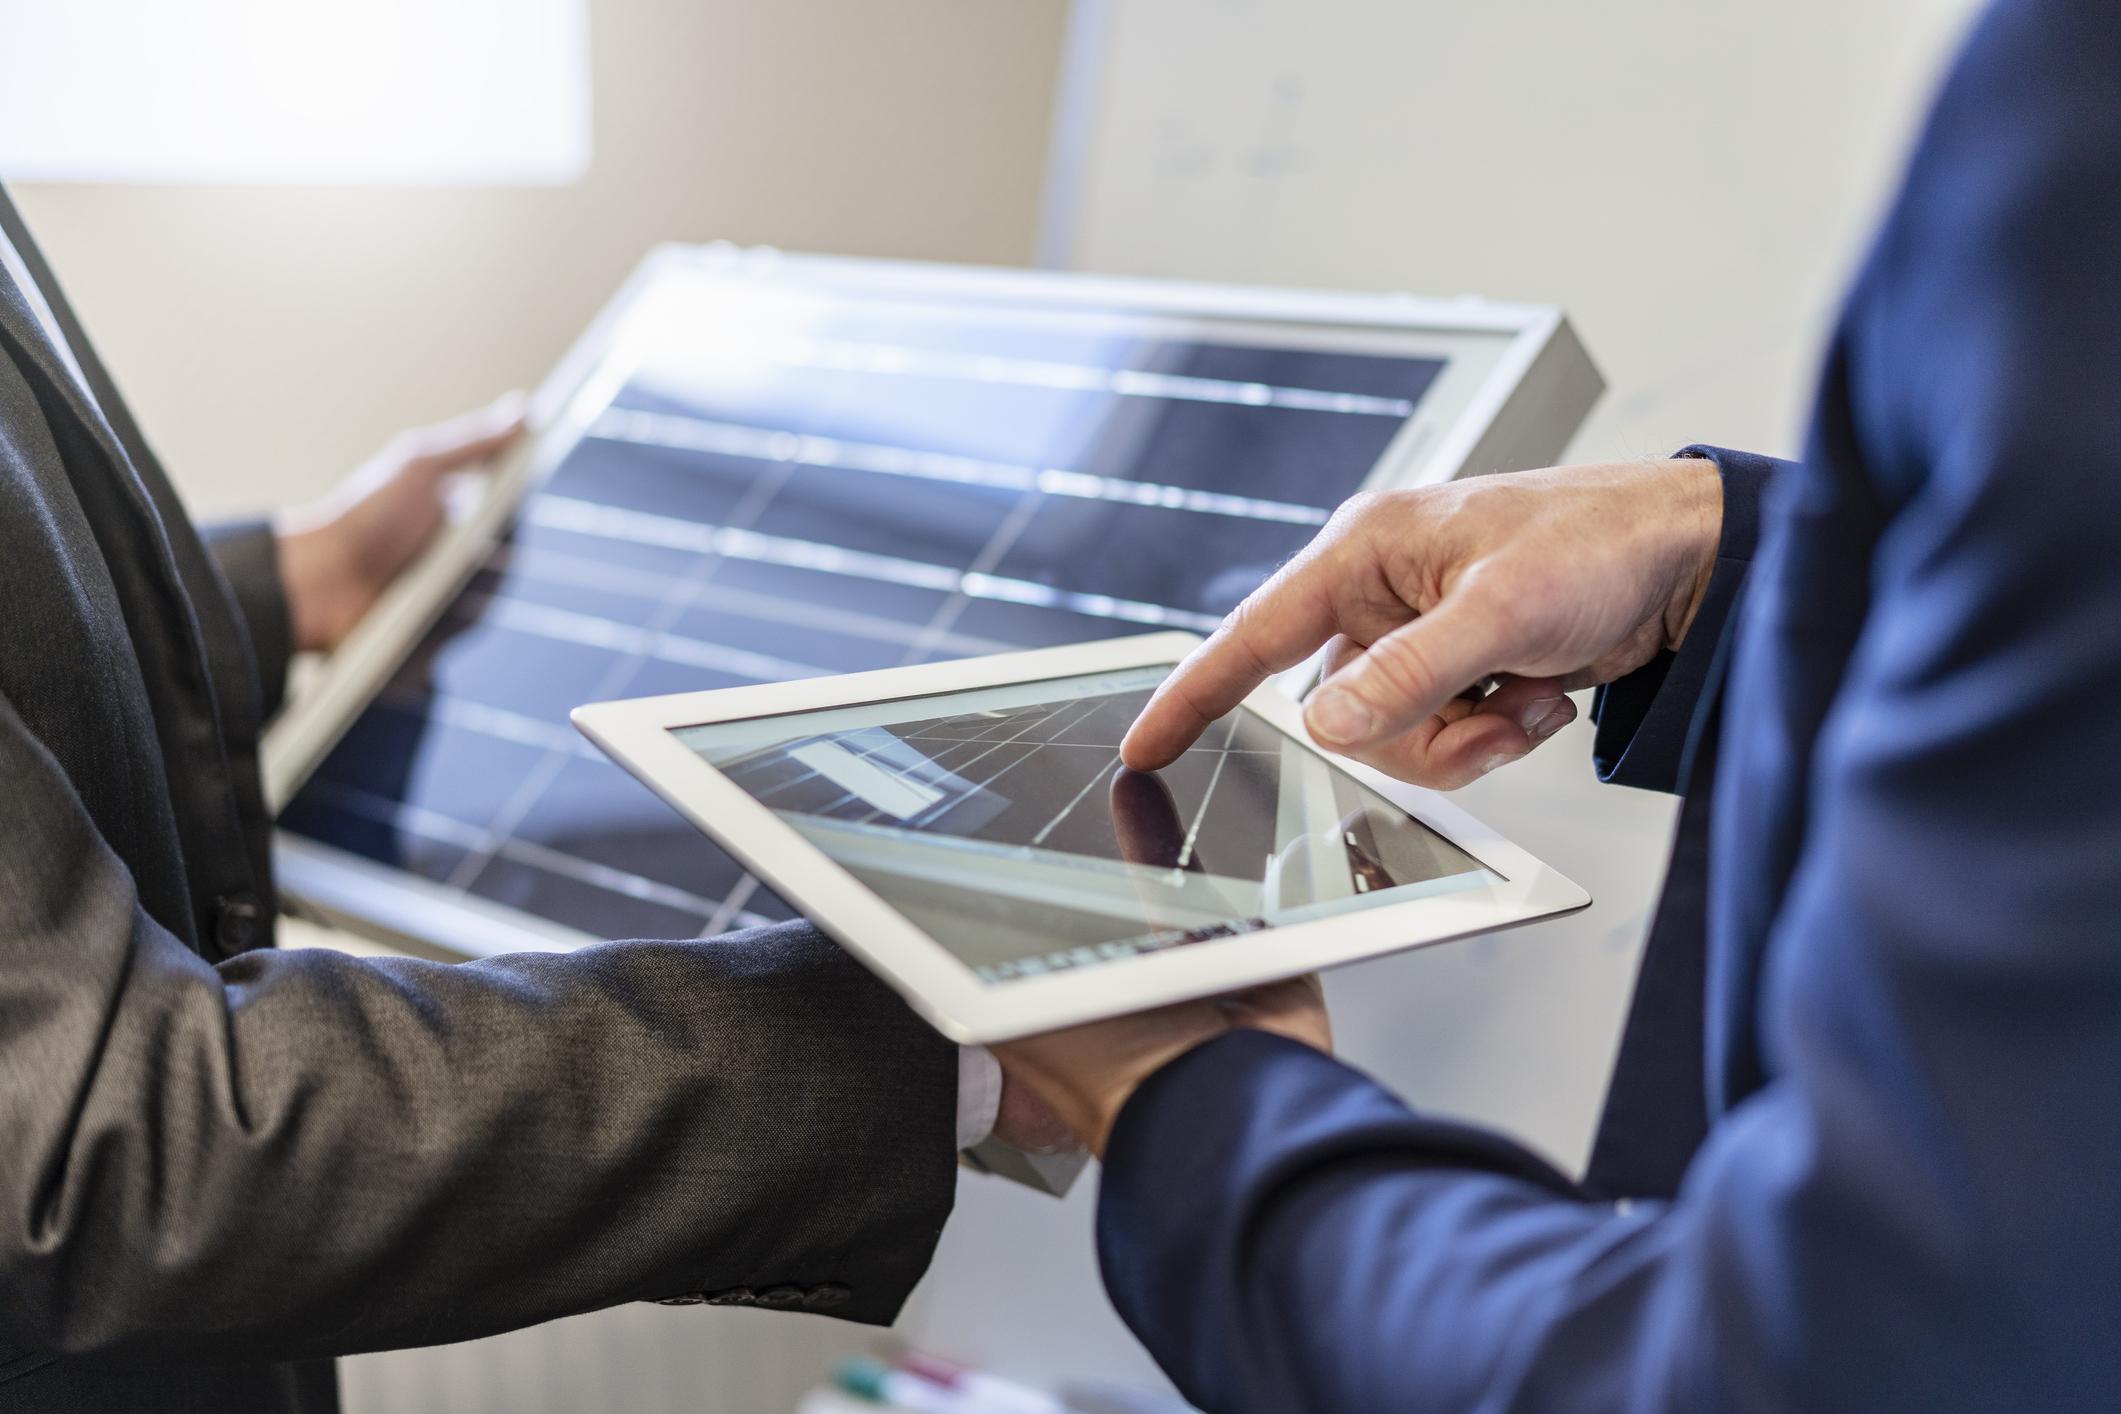 Analiză: Peste un milion de noi locuri de muncă vor apărea în România în următorii 10 ani, pe fondul digitalizării